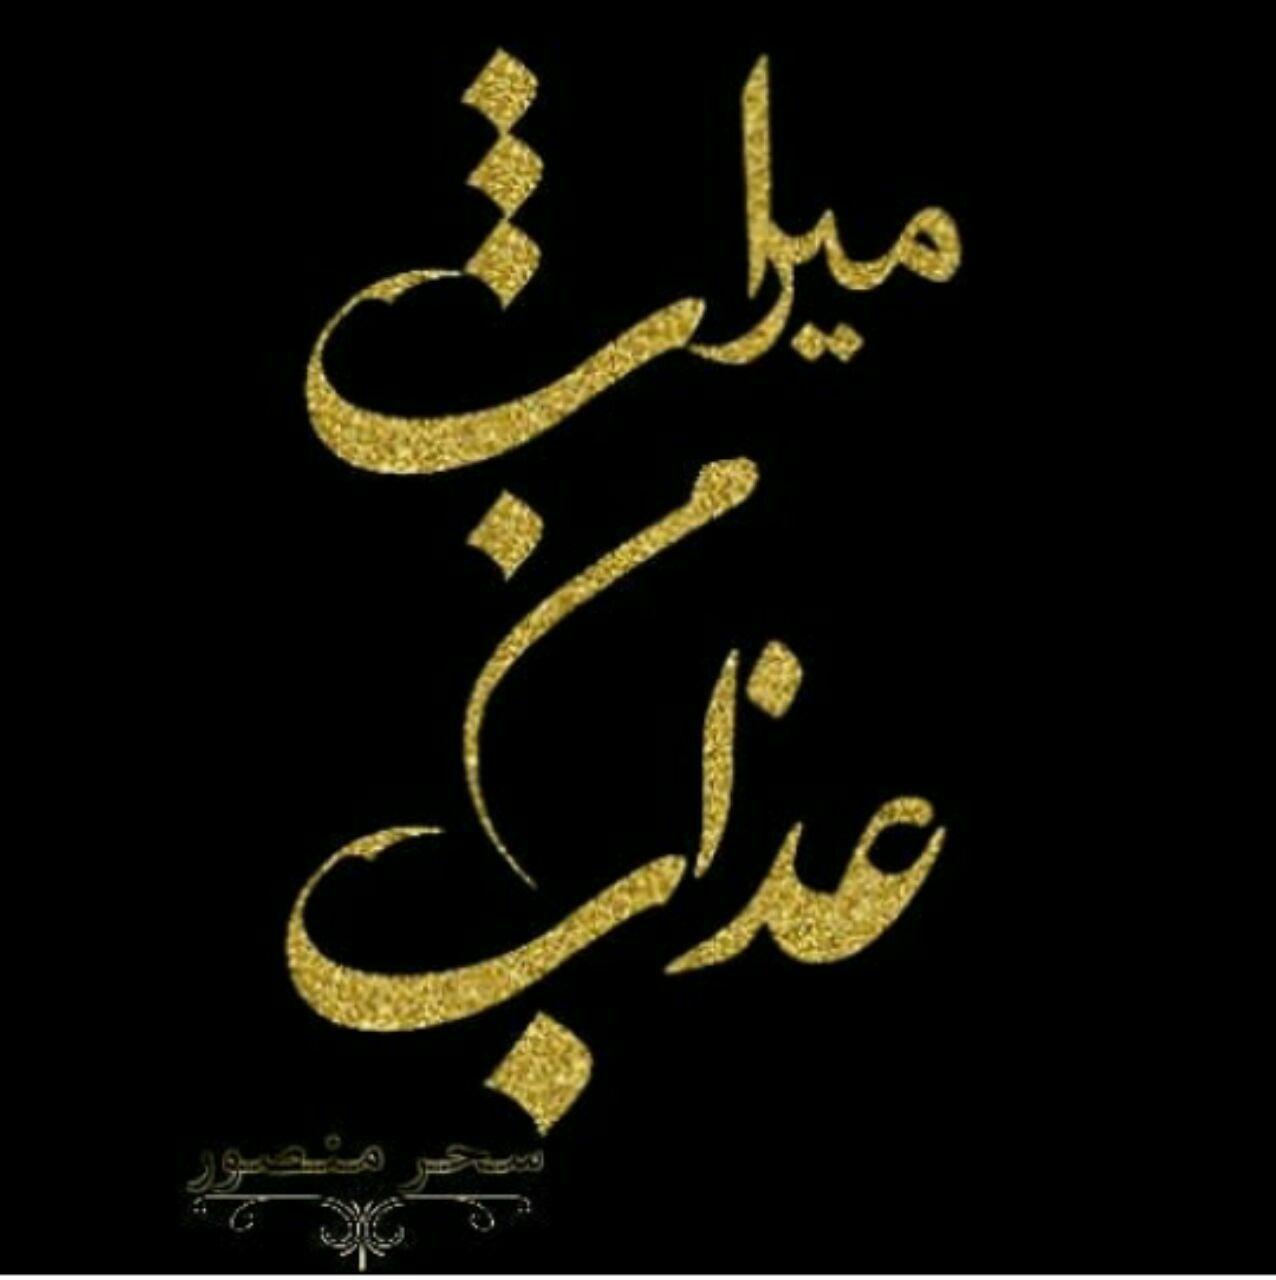 دانلود رمان میراث من عذاب از سحر منصور